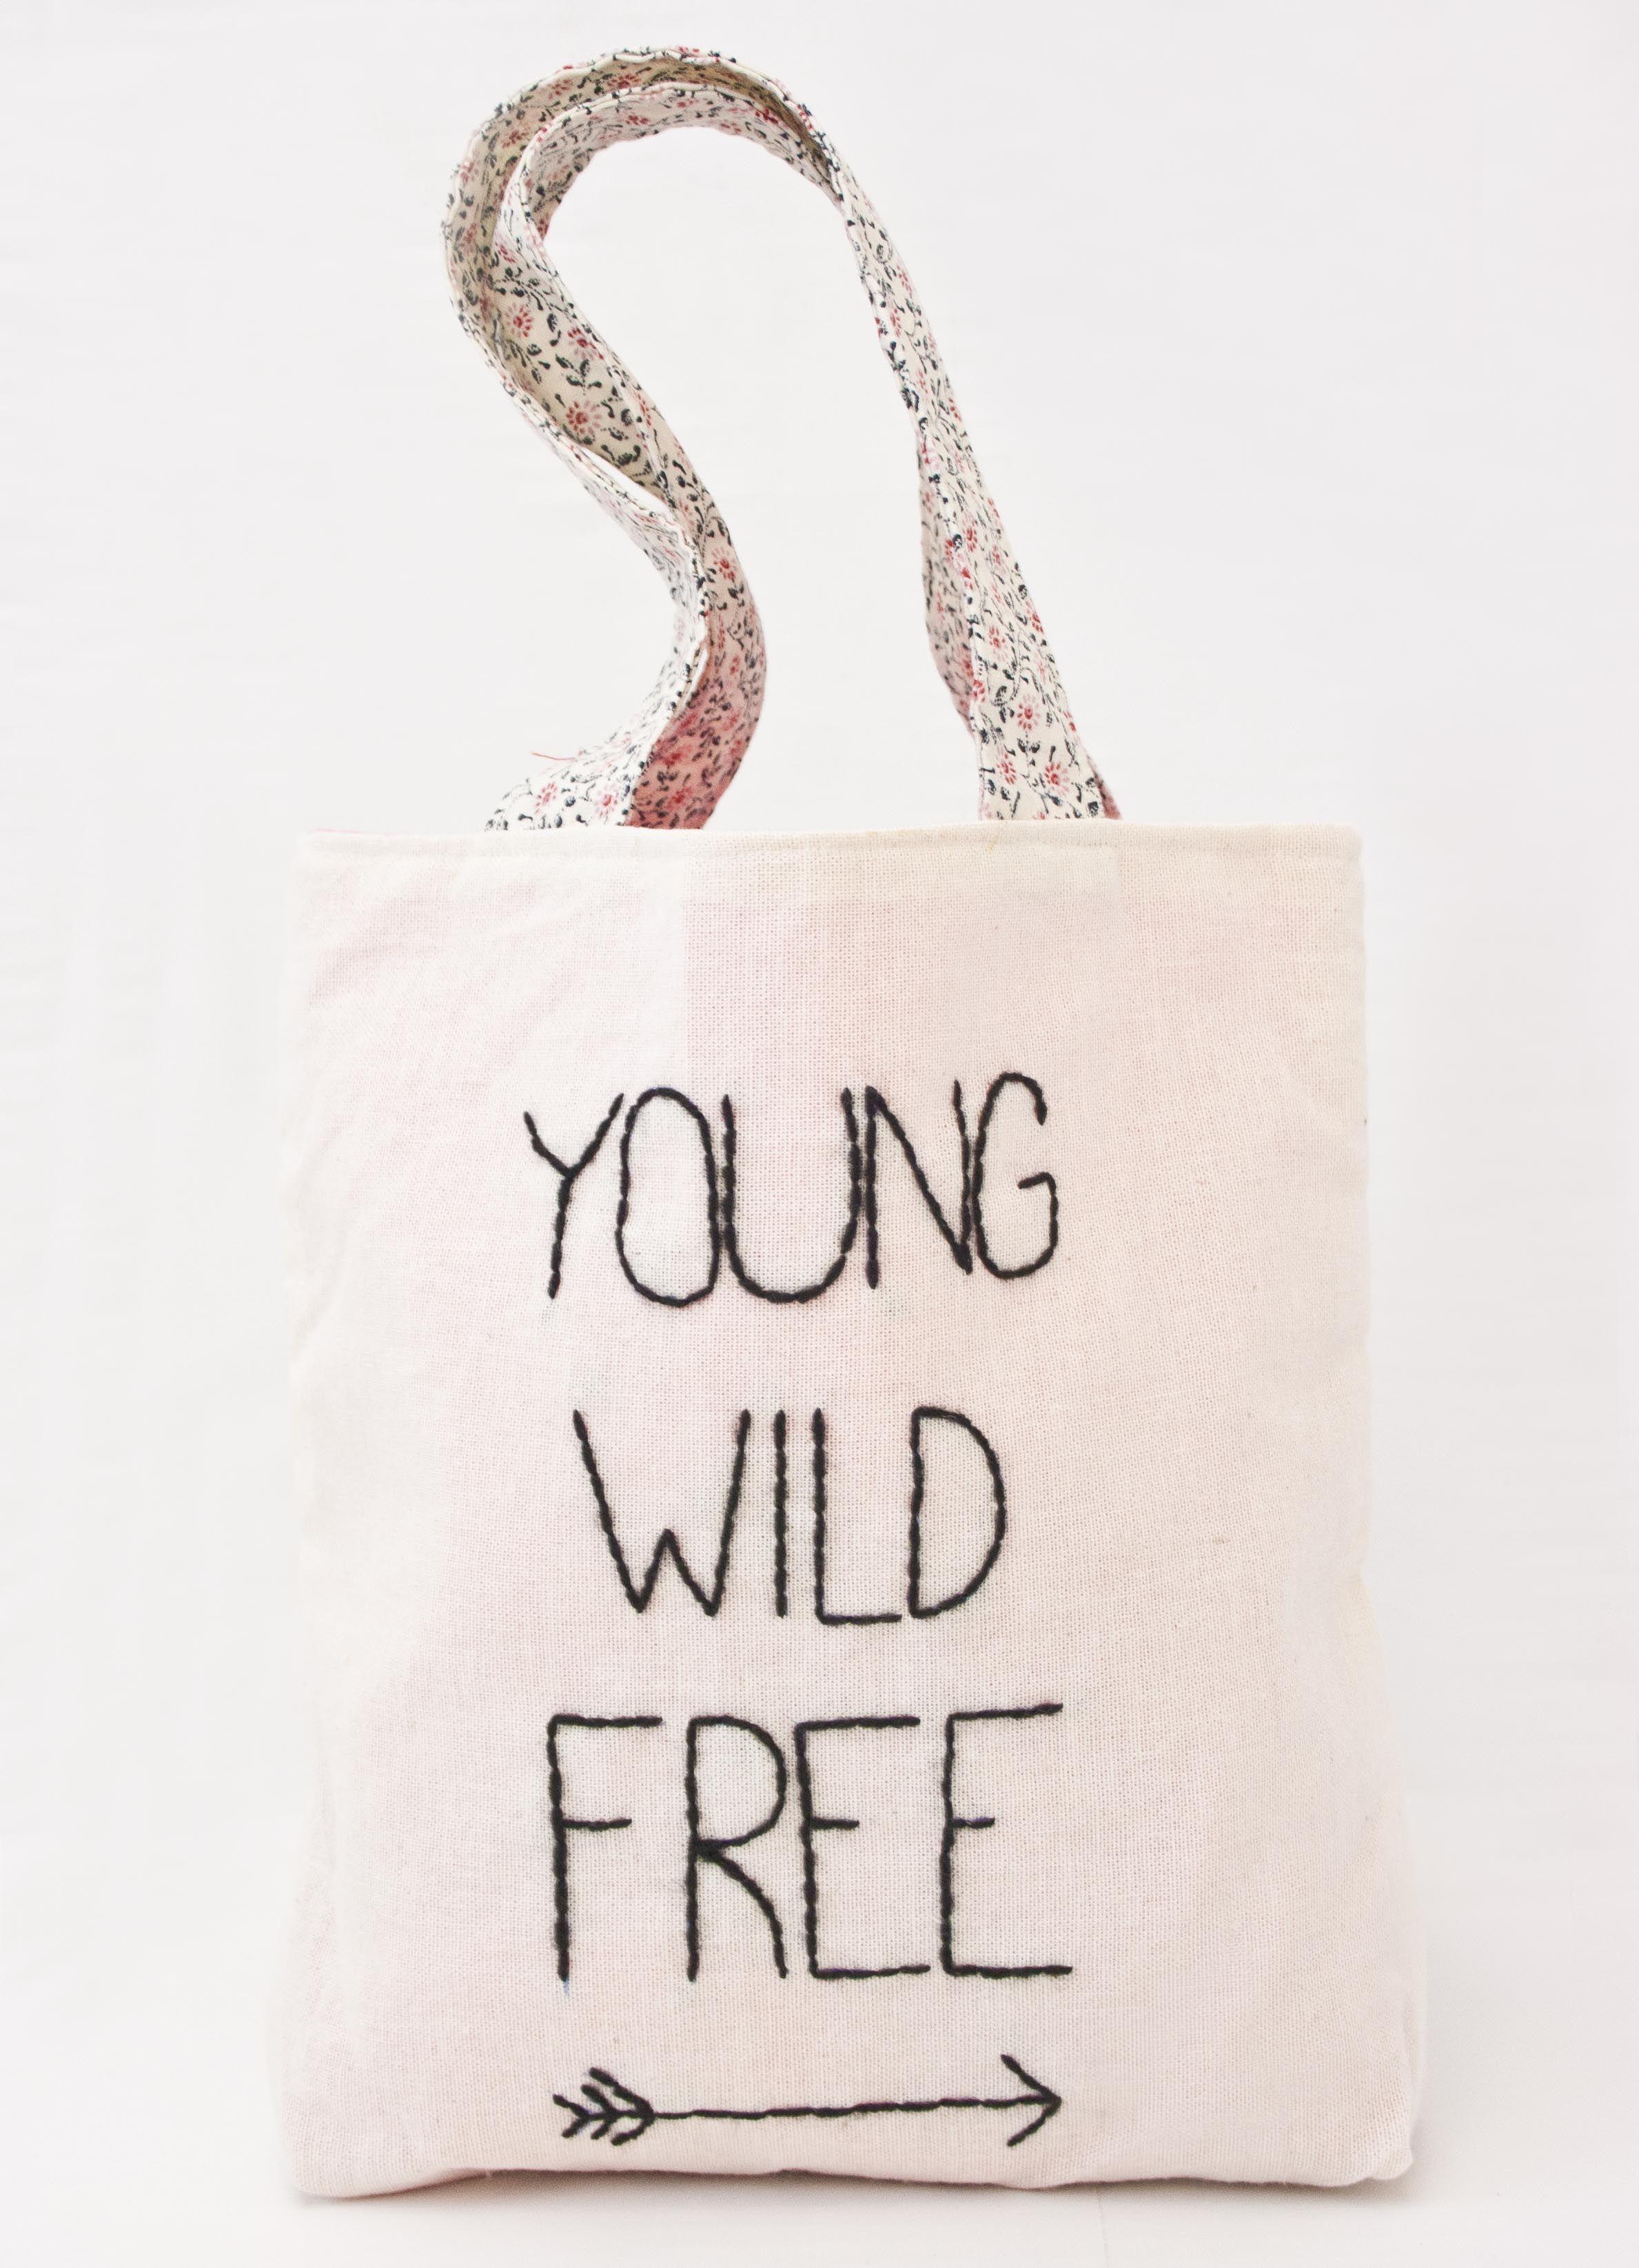 Bolsa transportadora de juguetes, de lienzo, con forro rosa y manijas floreadas, bordado a mano. Medidas: 15 x 25 cm Peso: 60 gr